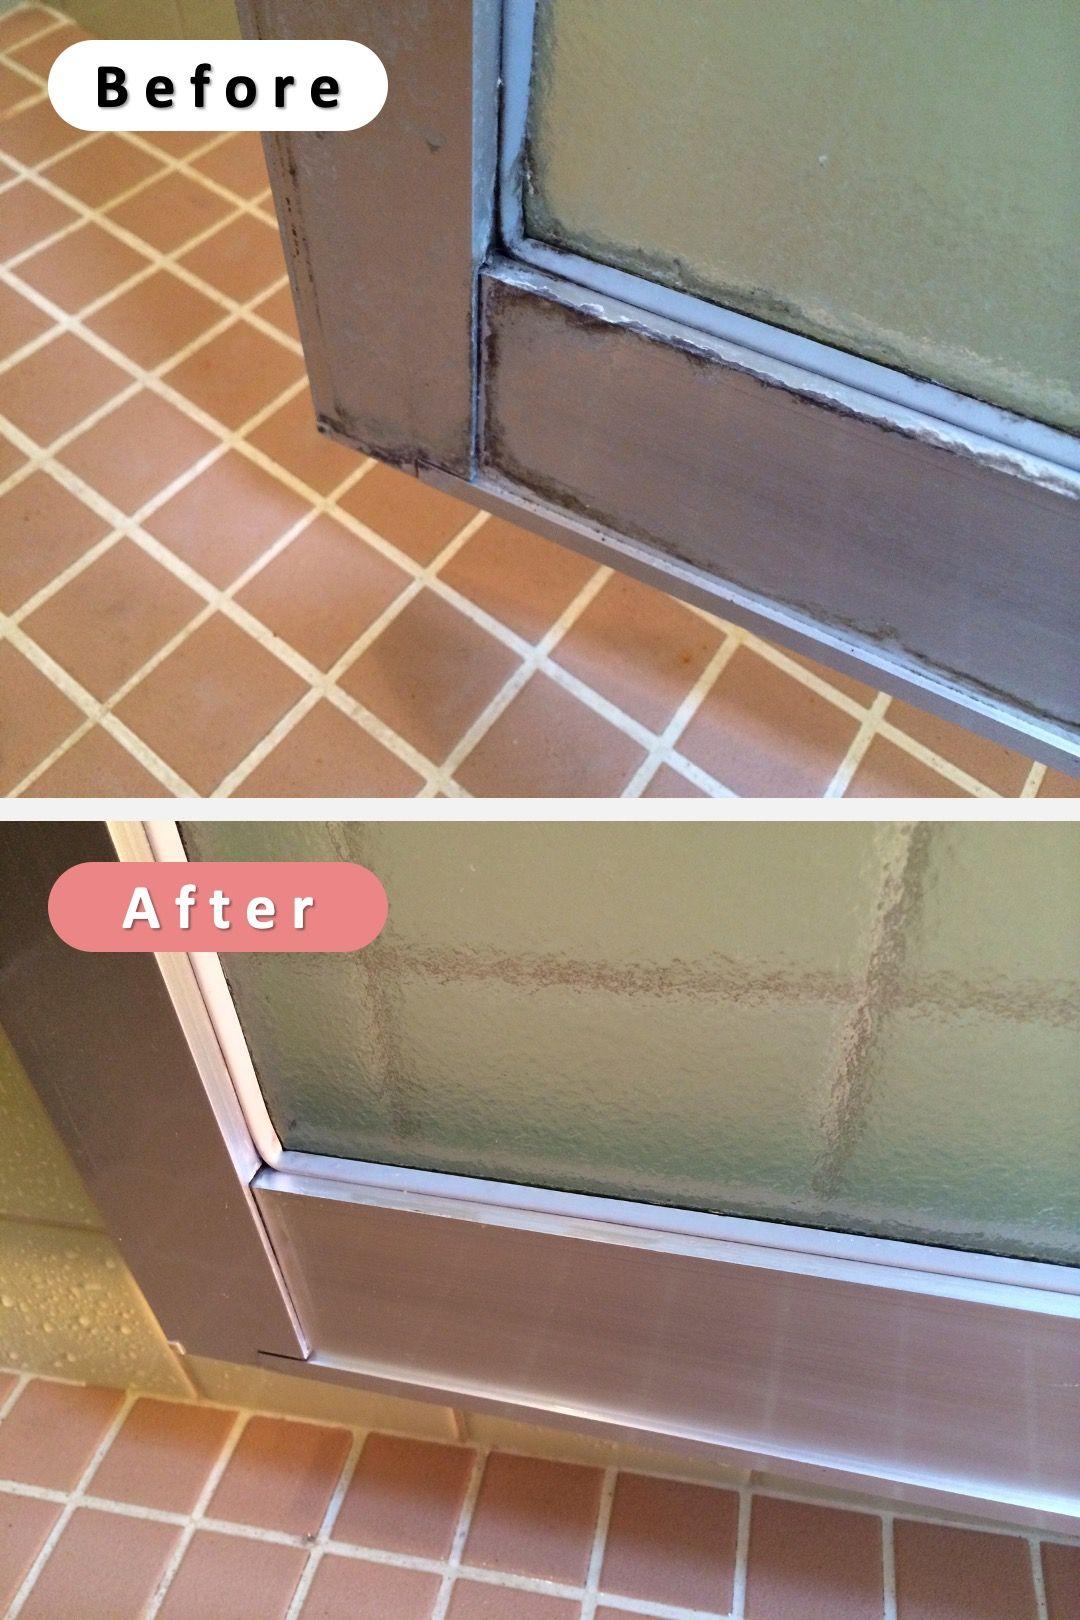 お風呂のドアのアルミサッシや水栓に付いた白い水垢汚れの落とし方 クエン酸でブラッシング掃除が効果的 お風呂 リフォーム Diy 掃除 お掃除の裏技